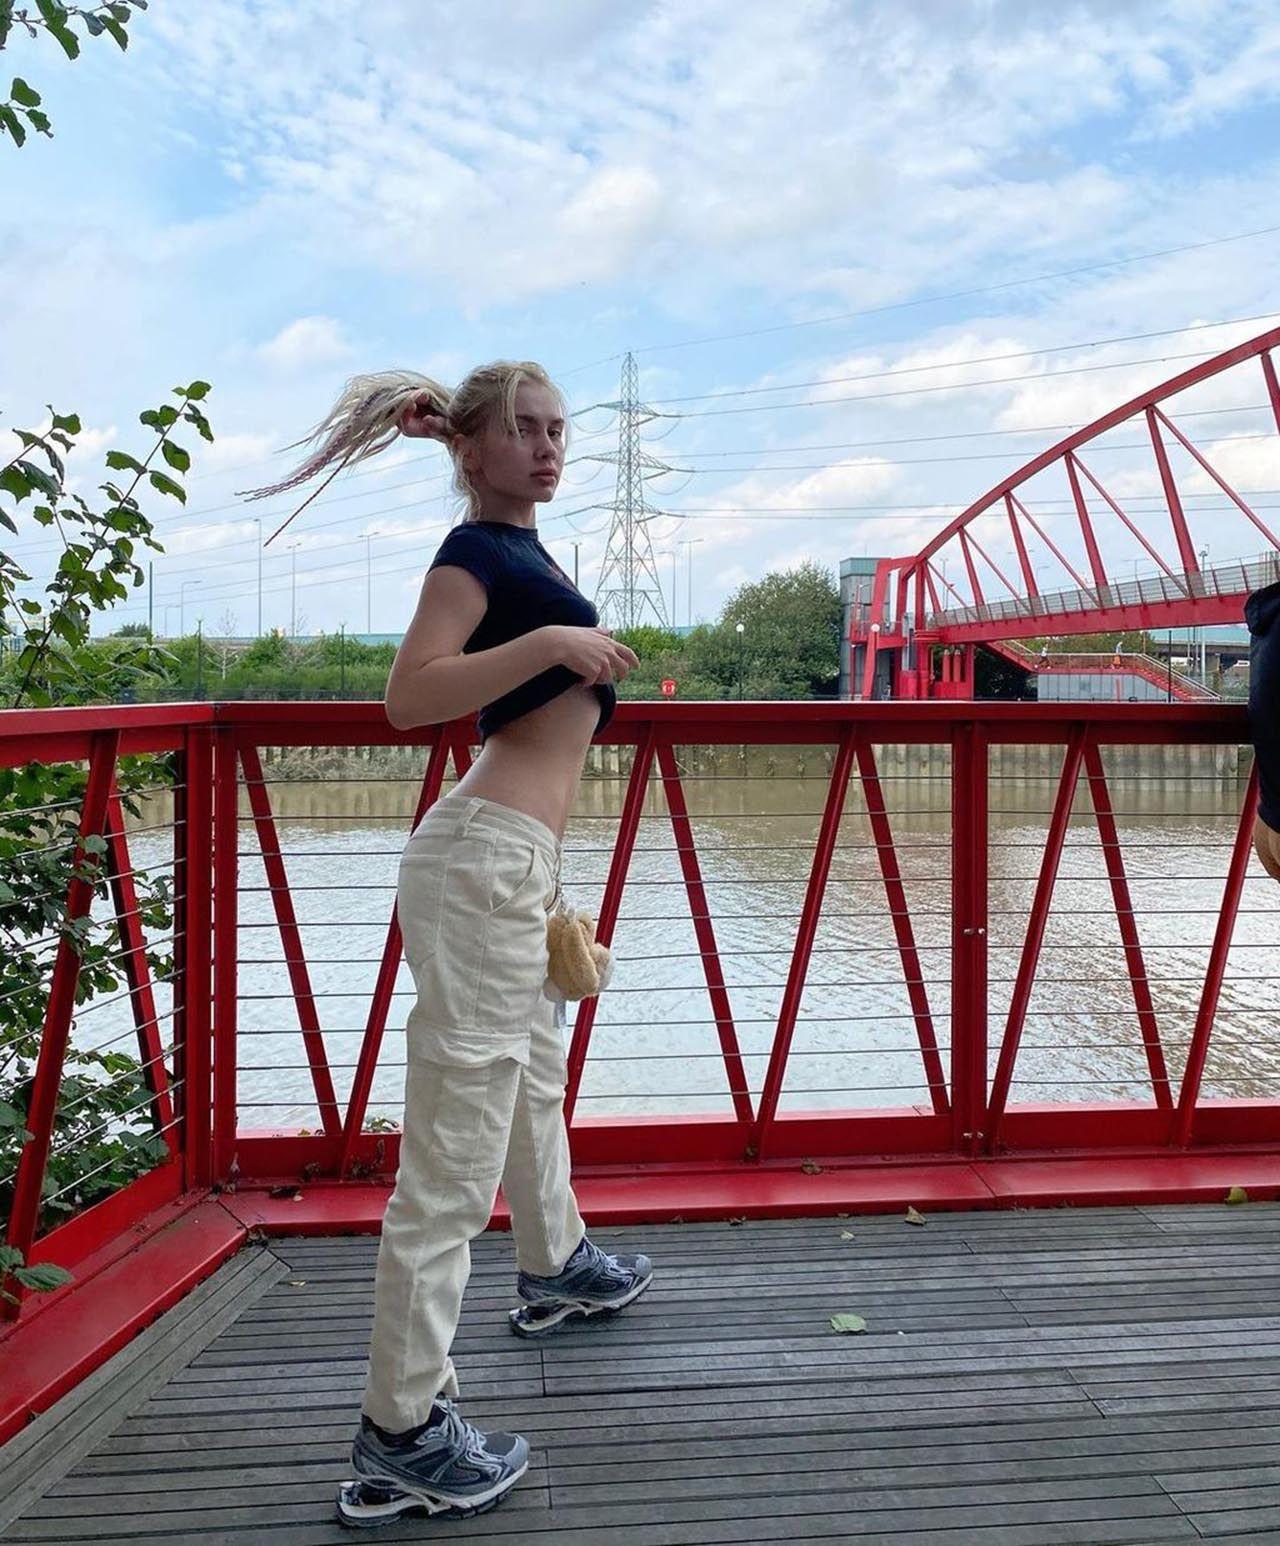 Türkiye'den ayrılan Aleyna Tilki'nin ilk işi bu oldu - Resim: 1